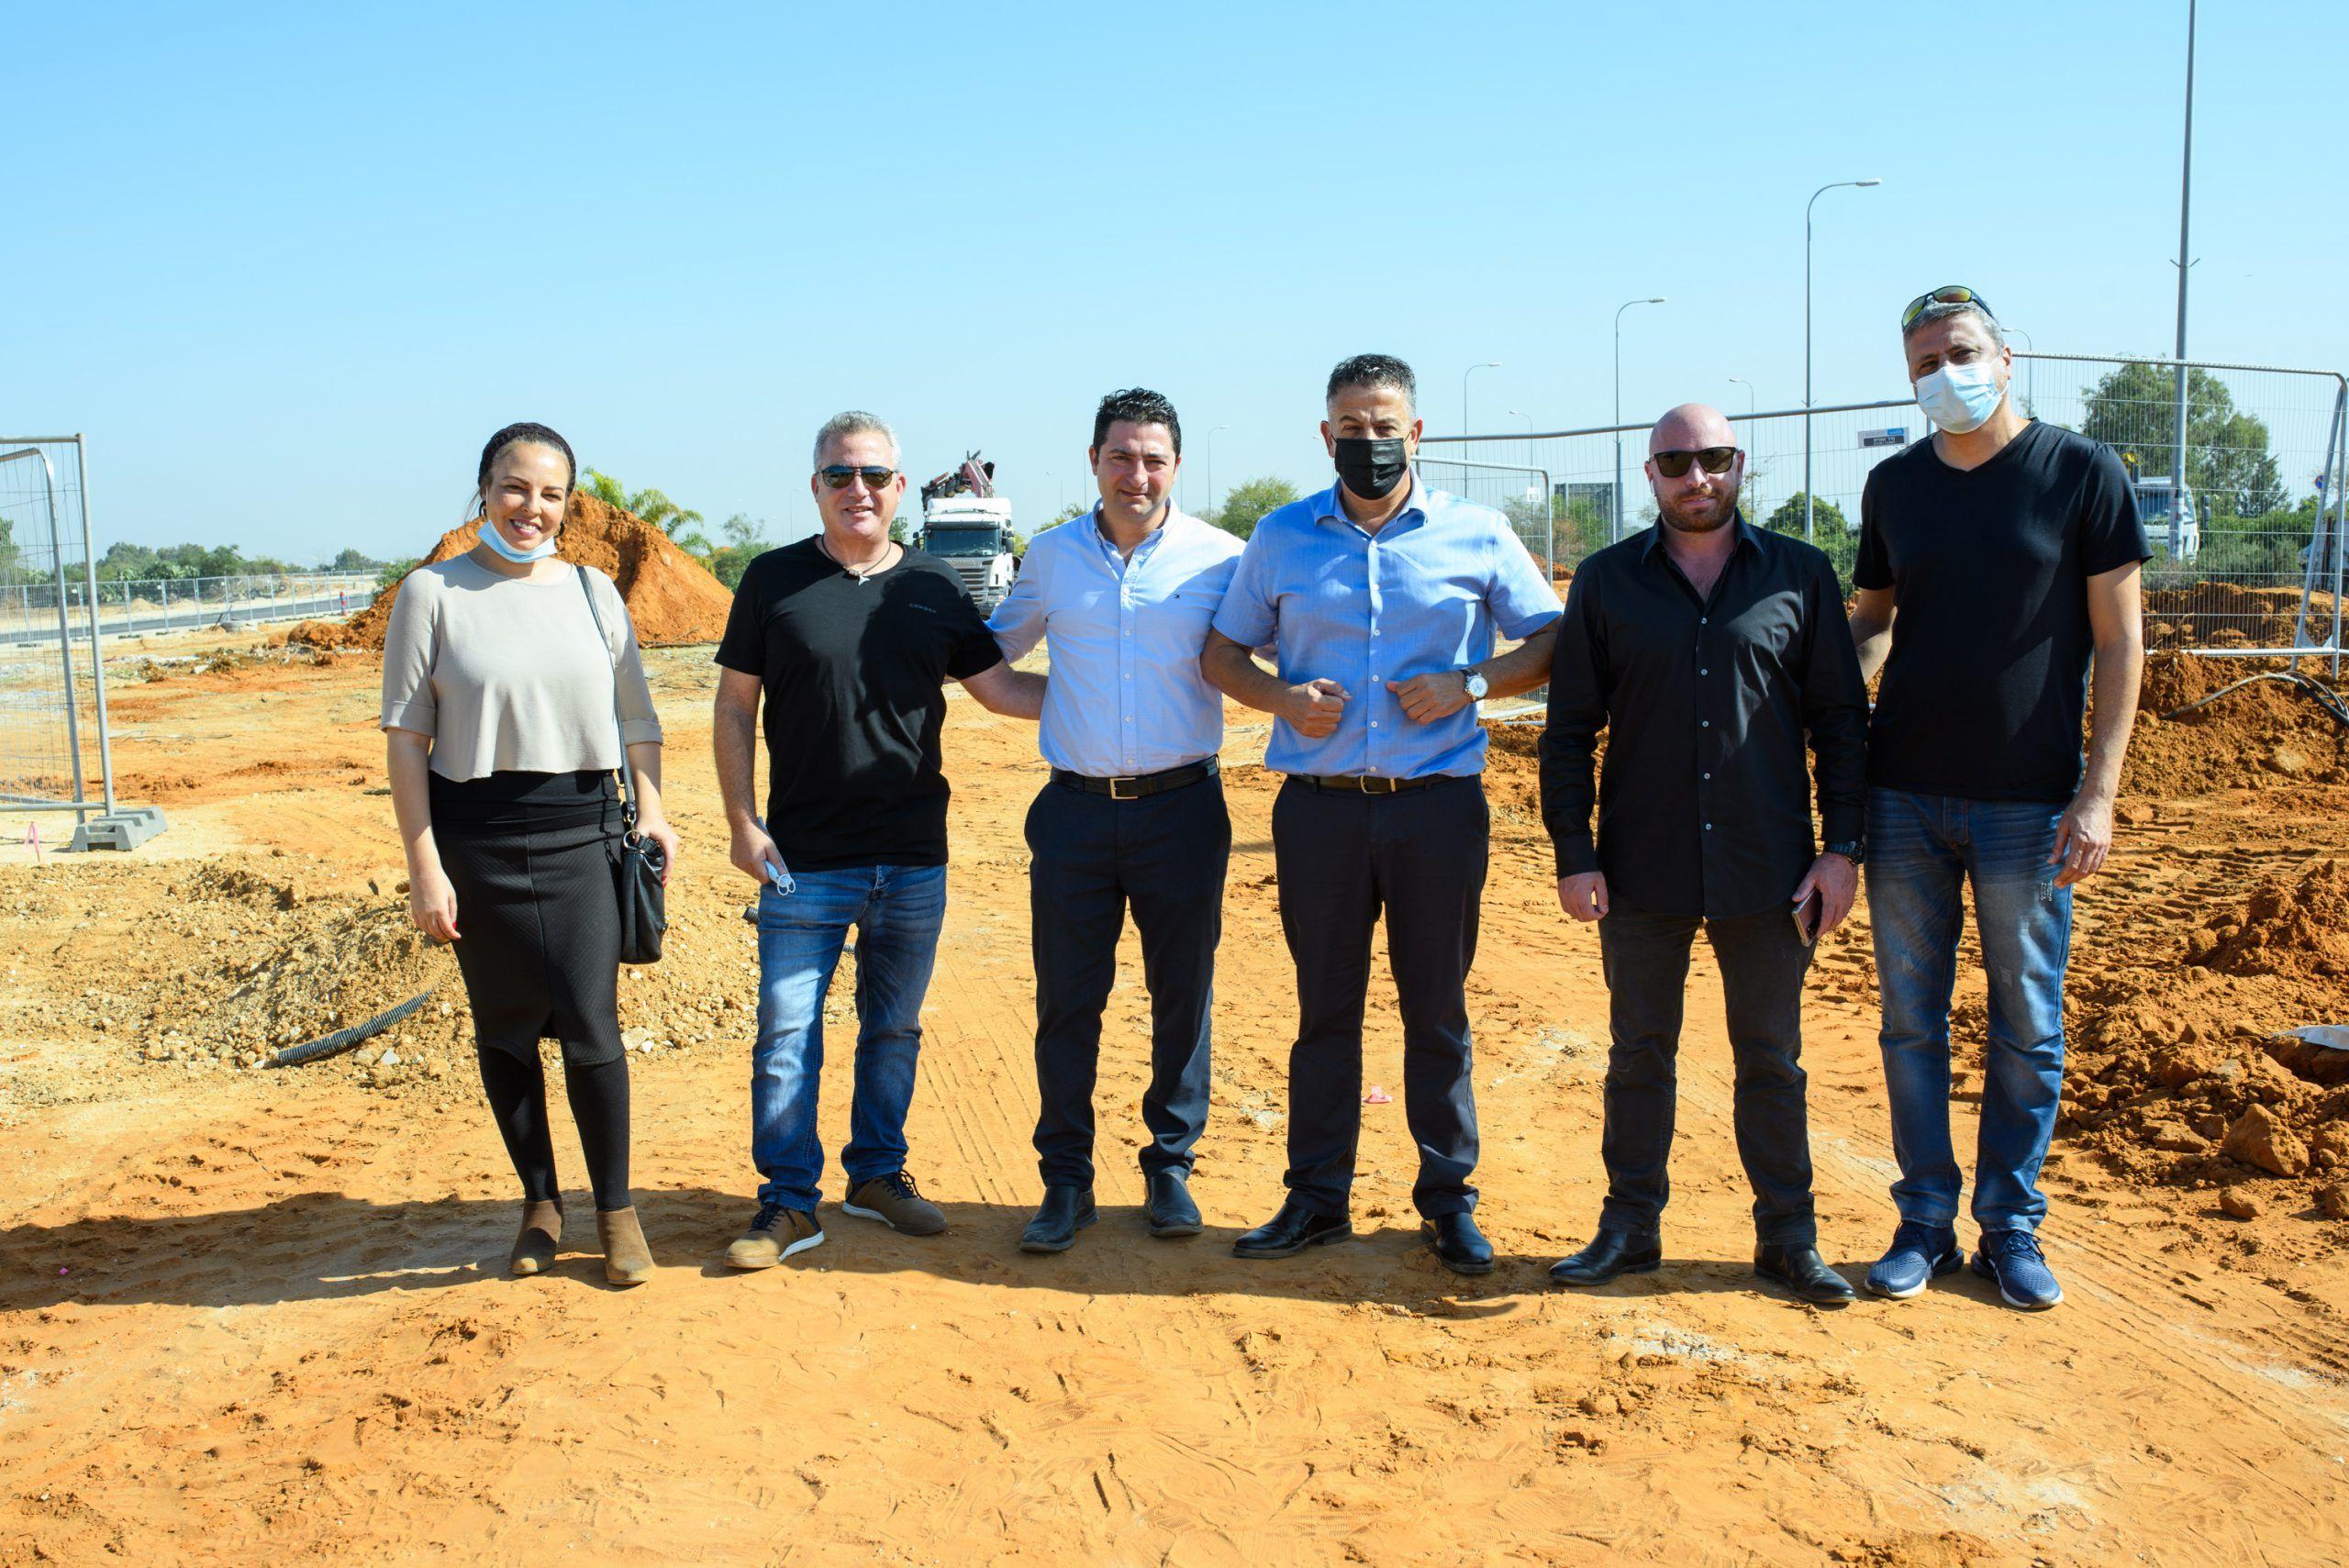 בתמונה – צוות מערכת מגזין הבלוק עם חיים אור, ניסים גוזלן ראש מועצת באר יעקב.